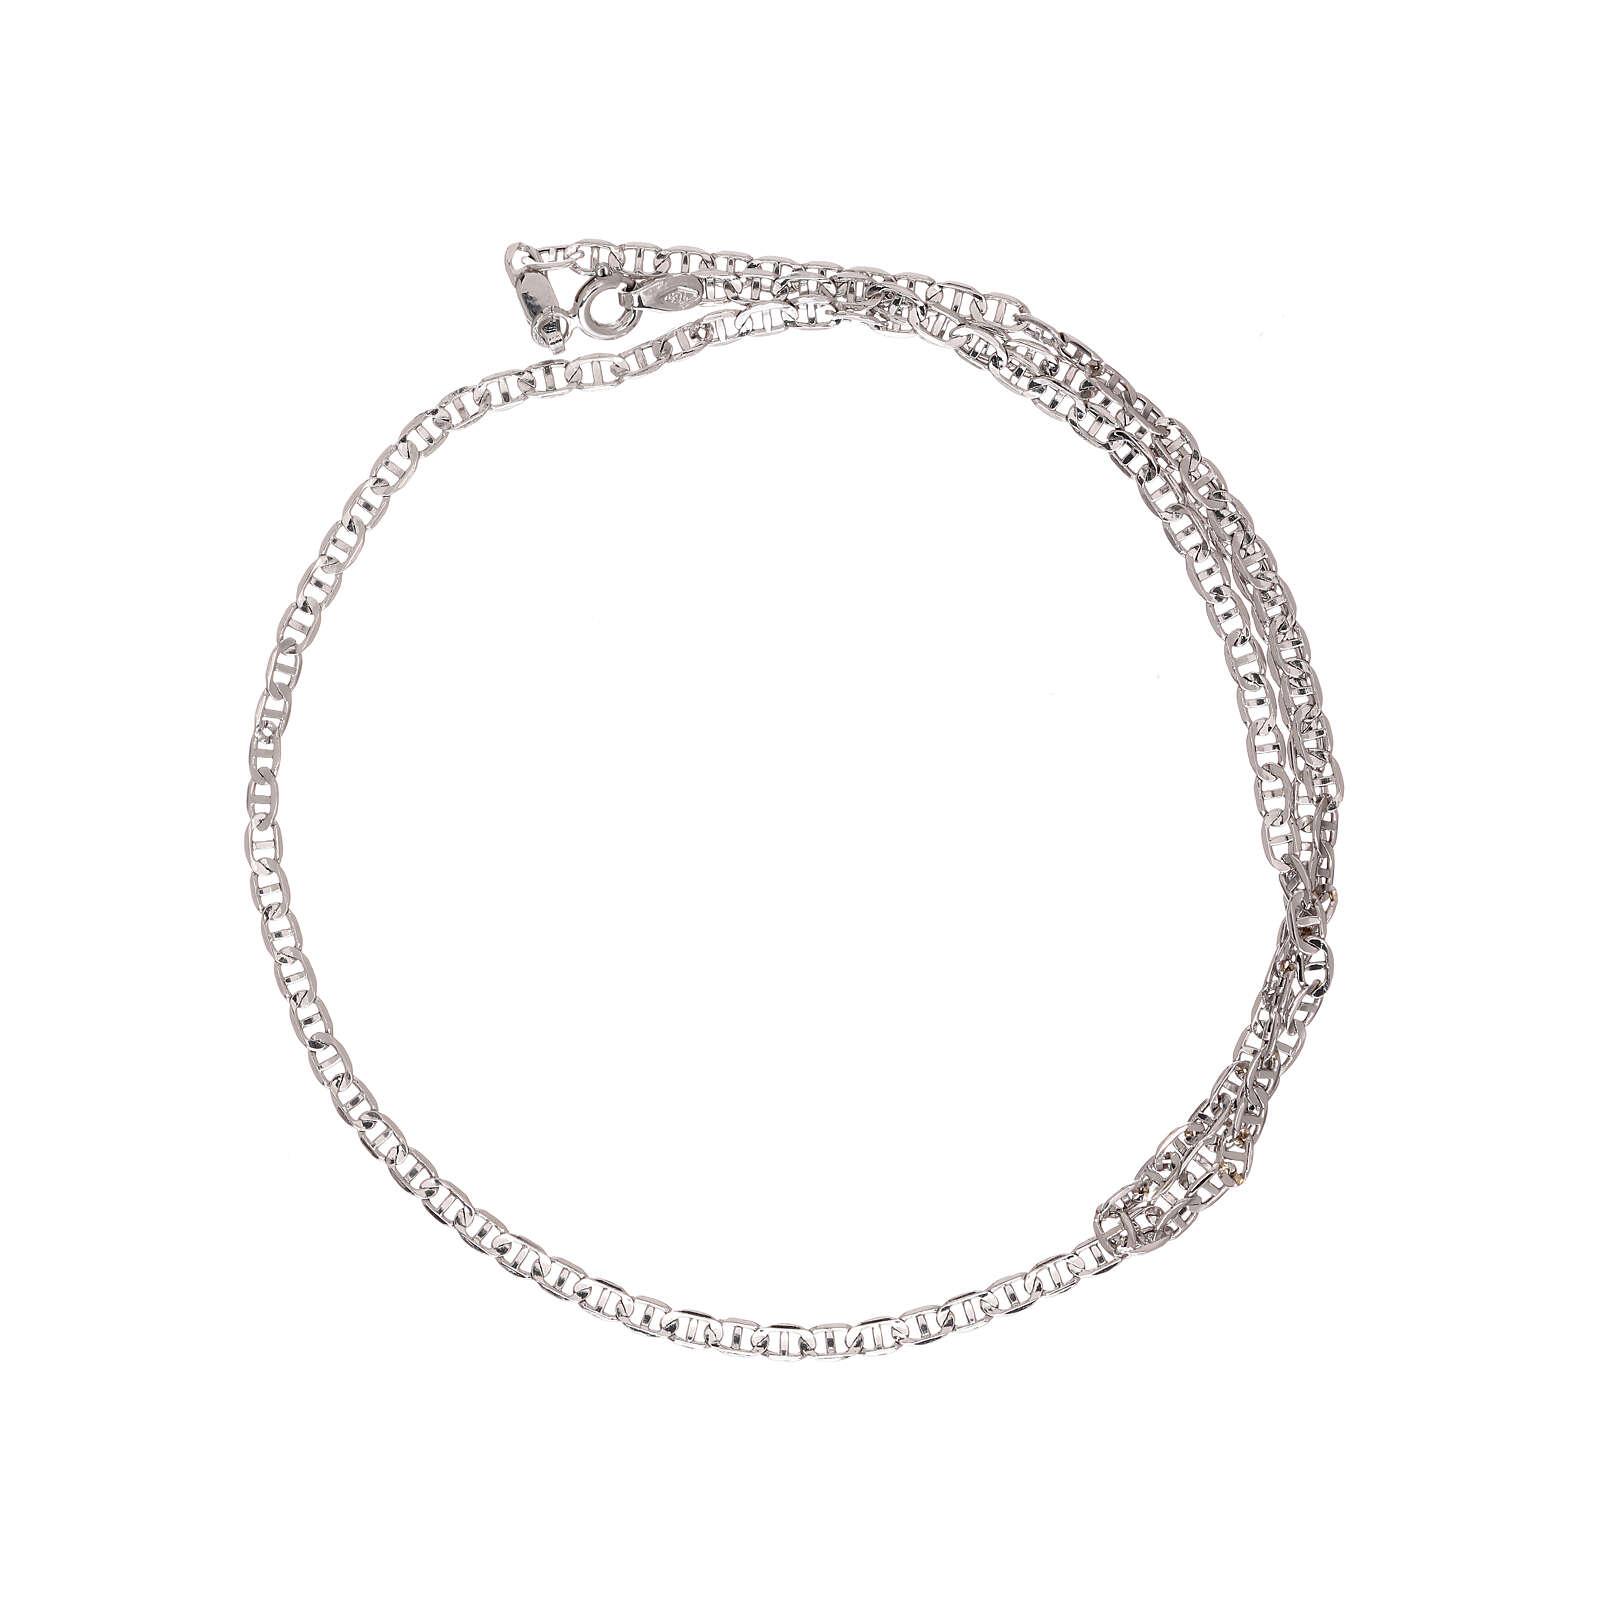 Corrente tipo Gucci ouro branco 750/00 45 cm 4